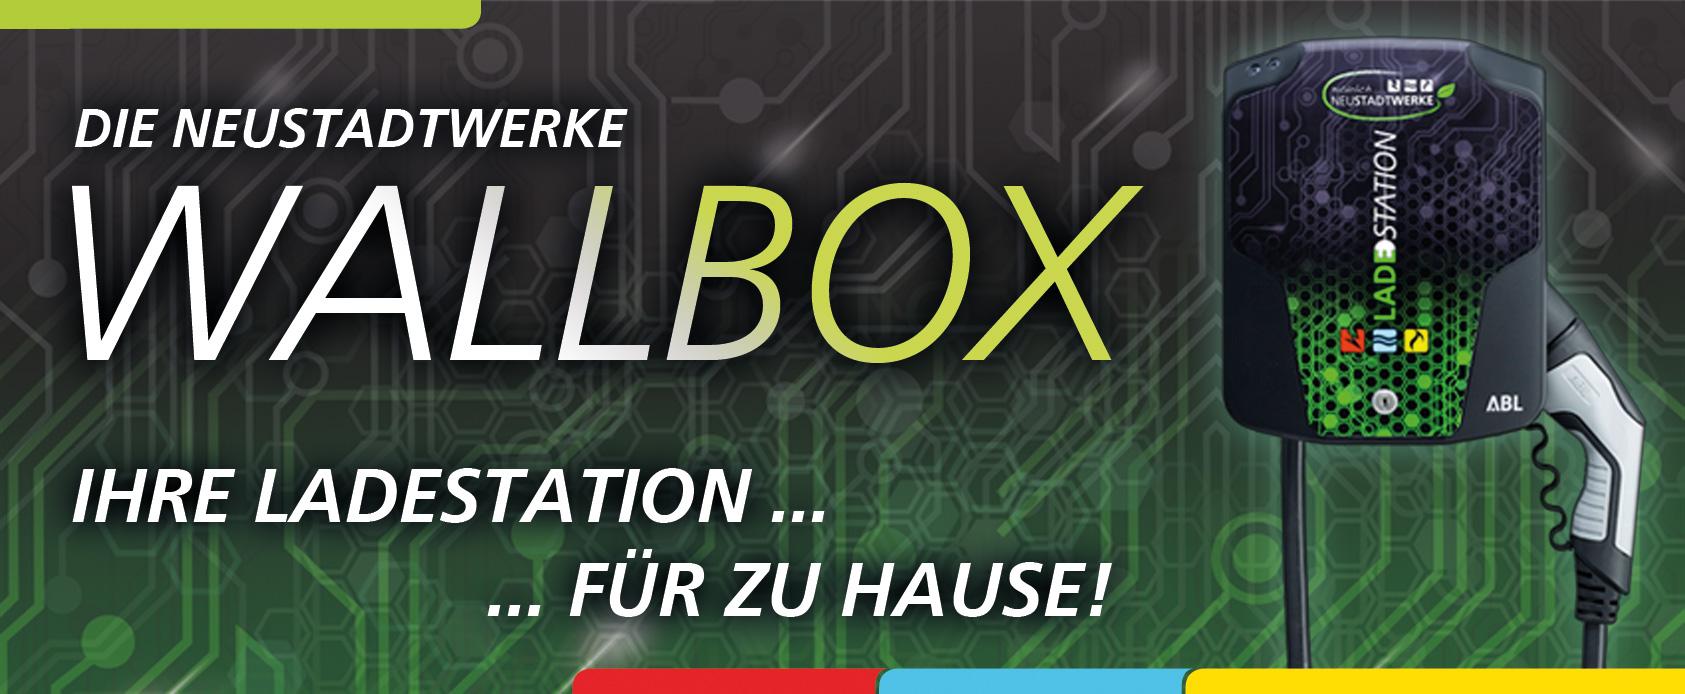 » Mediacenter-Datenarchiv/Bilder_Dienstleistungen/Elektromobilitaet » Wallbox_fuer_zuHause.jpg